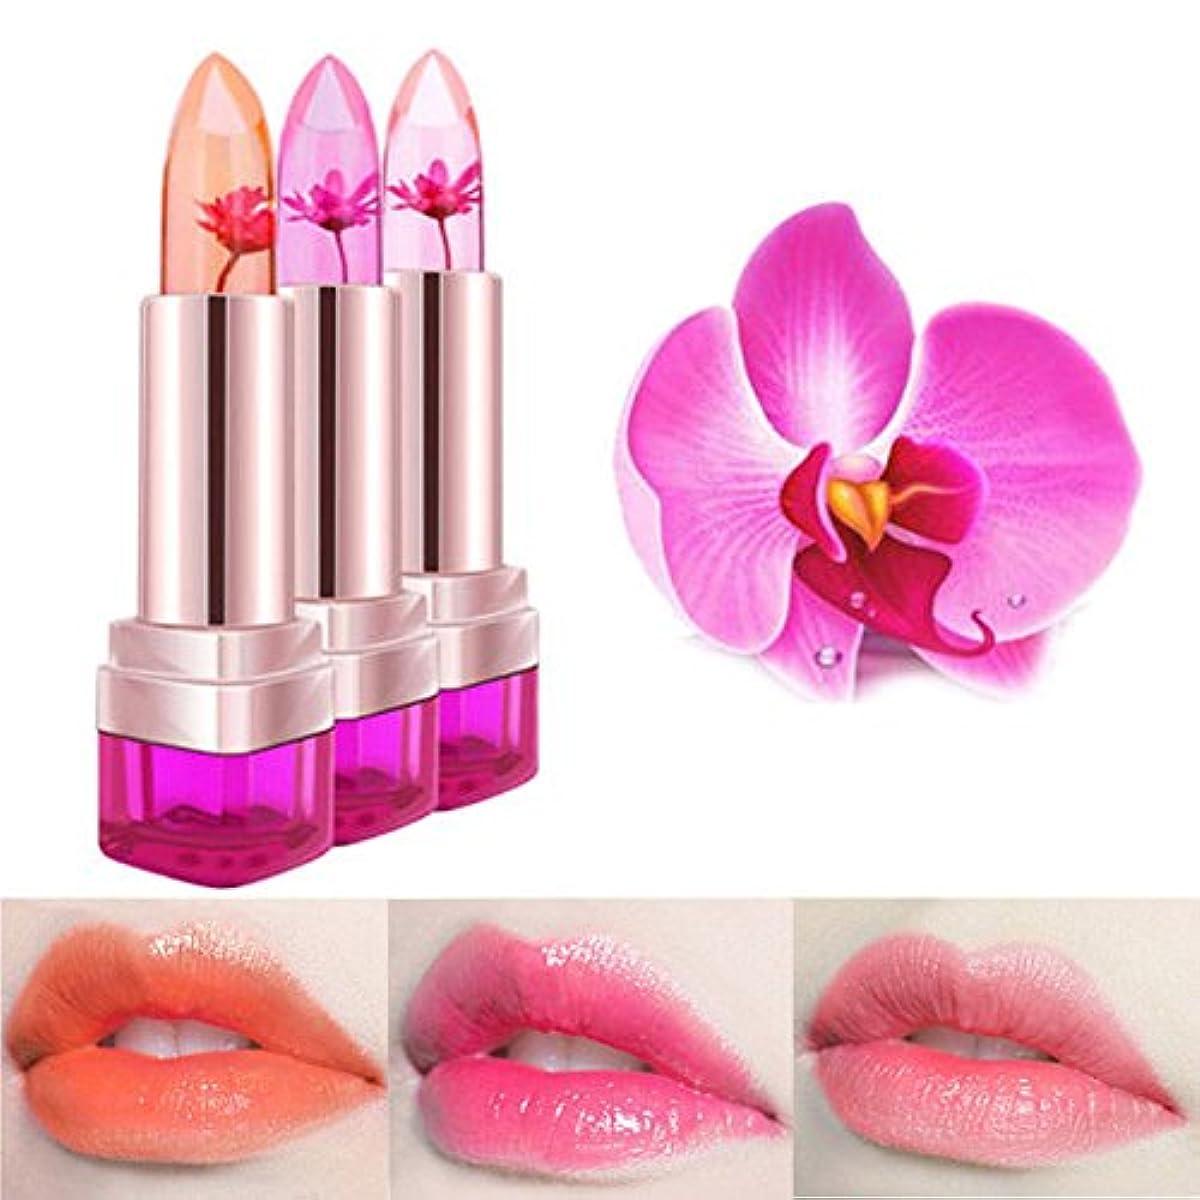 キャンセル実行記述するToygogo 長続きがする唇の光沢の美を変える3pc魔法のゼリーの花の口紅色 - 04, ワンサイズ